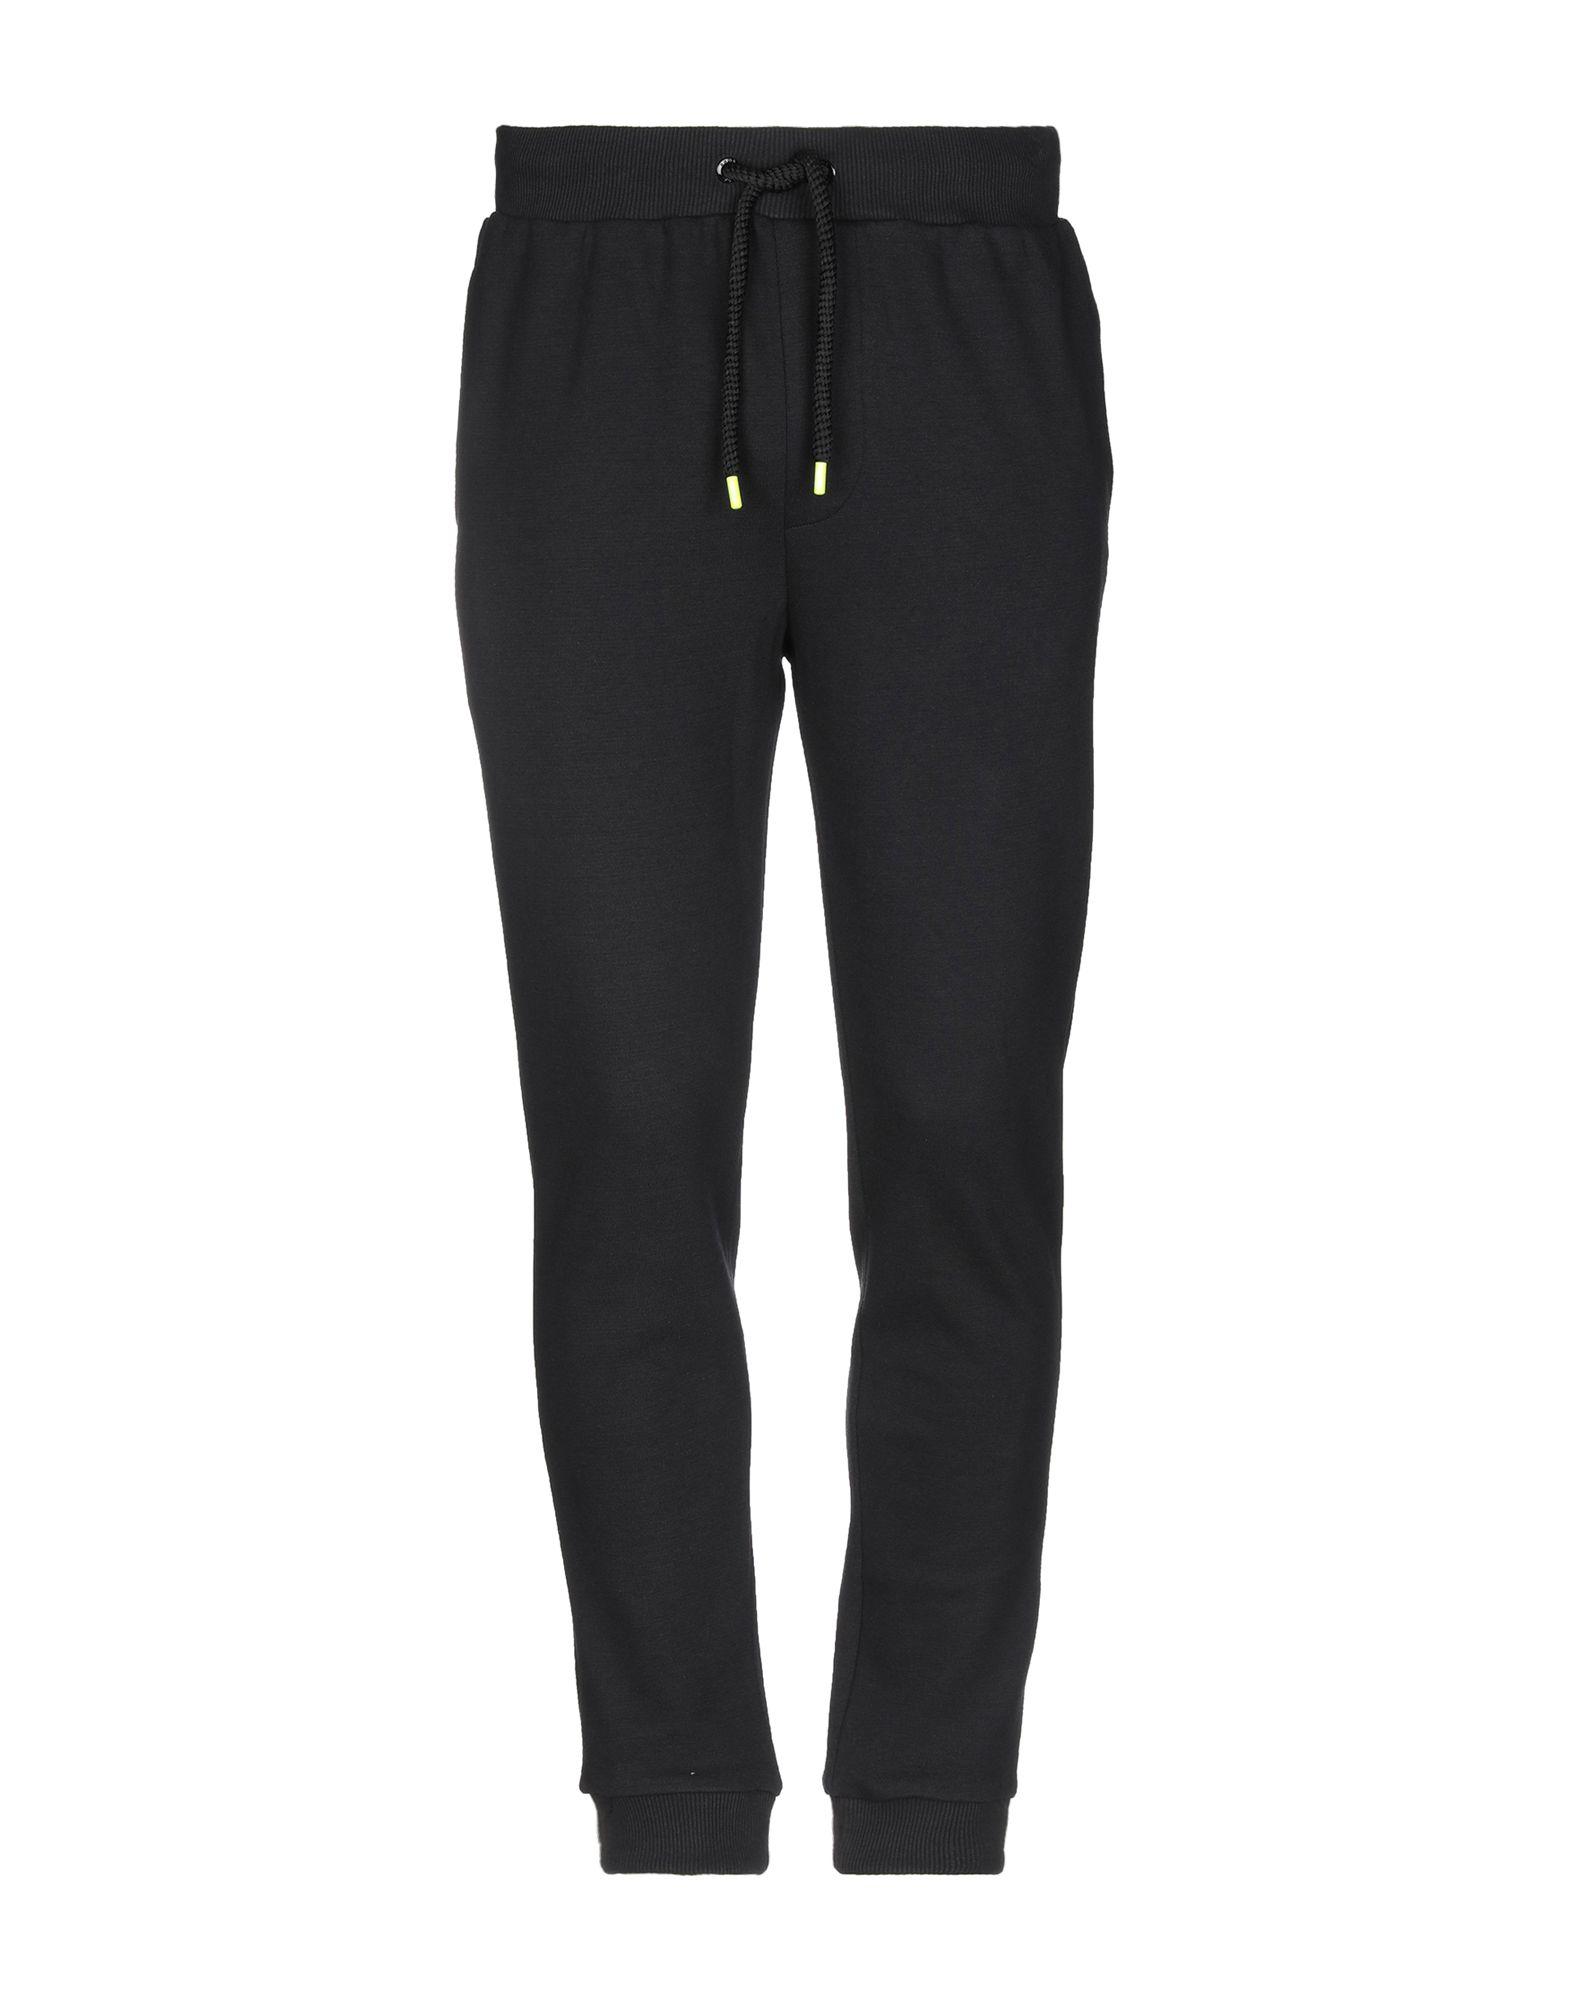 《送料無料》DOOA メンズ パンツ ブラック M コットン 100%